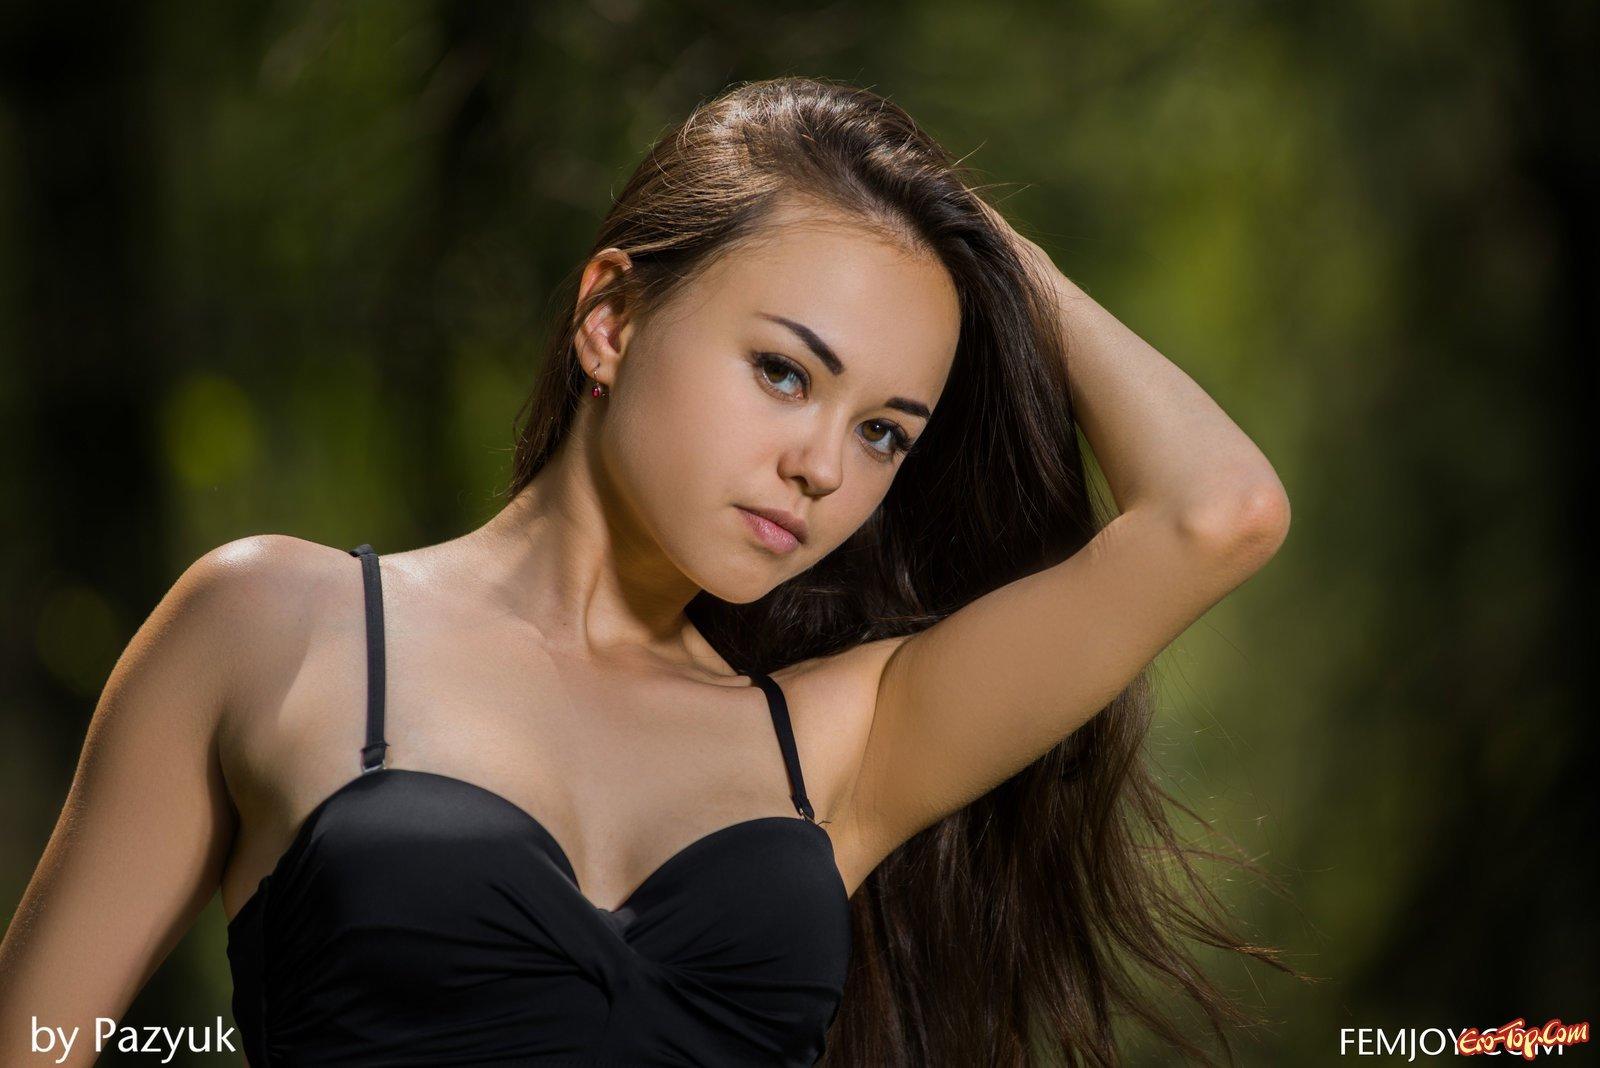 Голая худая азиатка в лесу